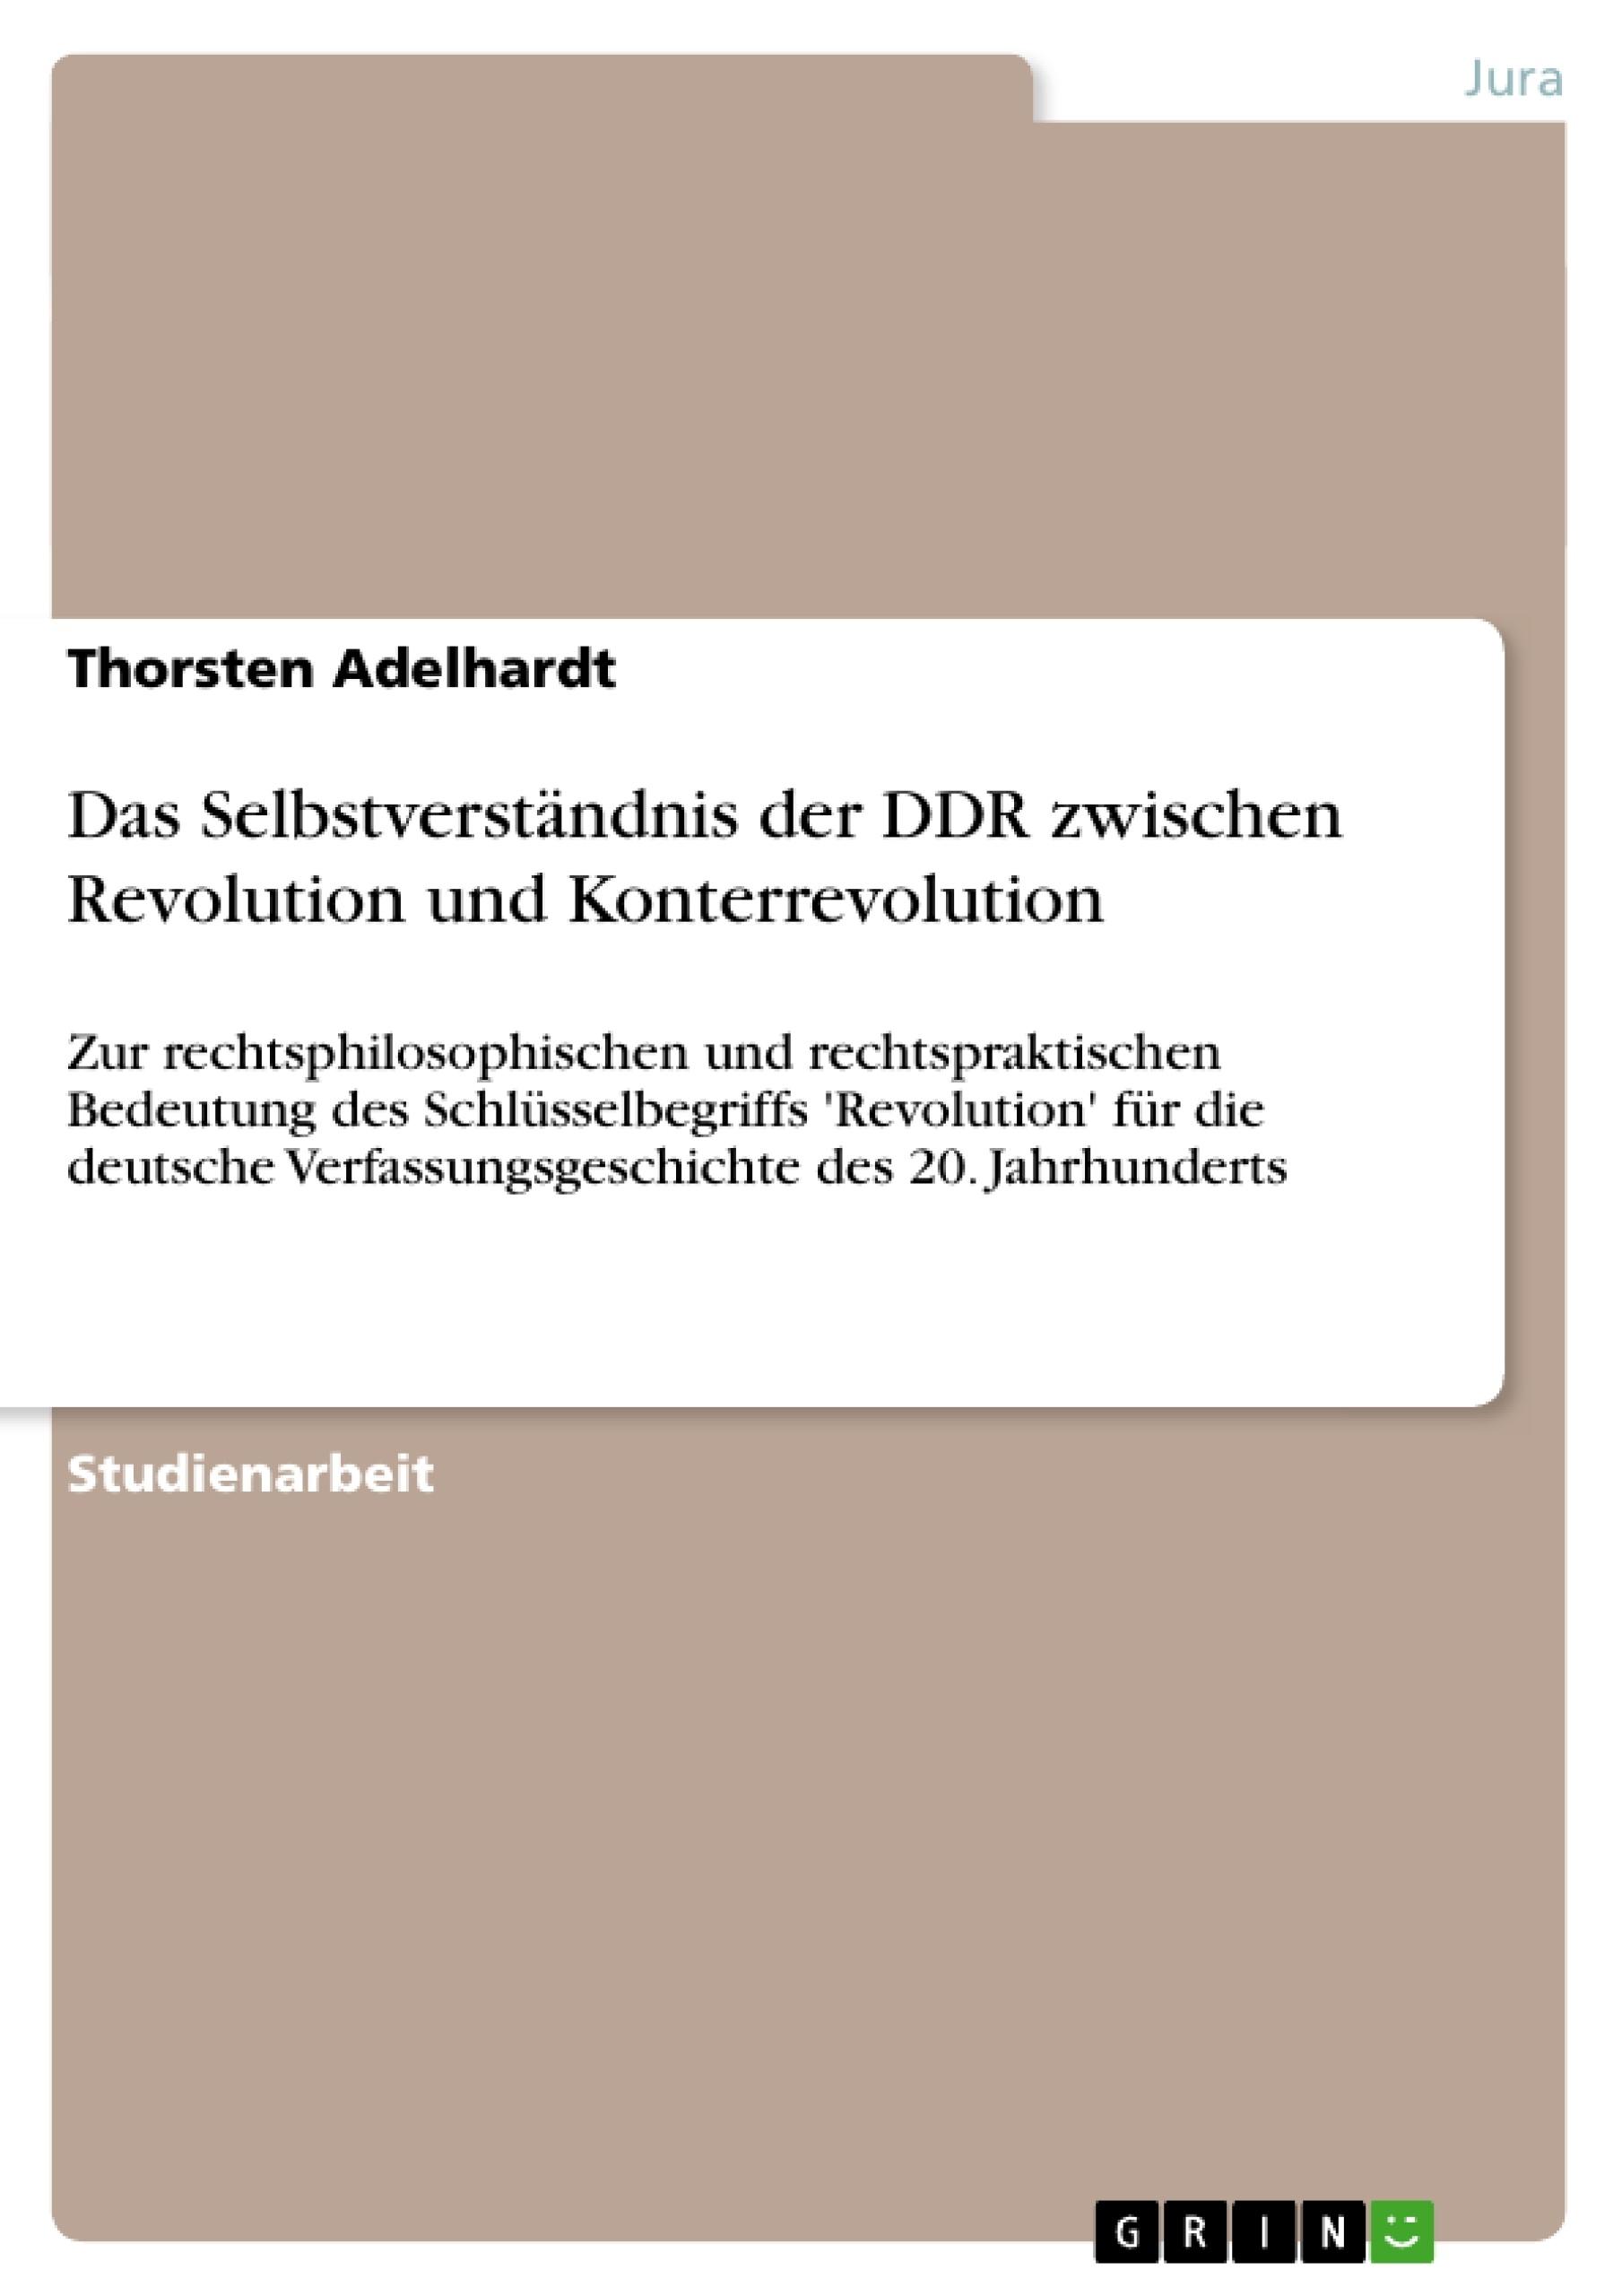 Titel: Das Selbstverständnis der DDR zwischen Revolution und Konterrevolution